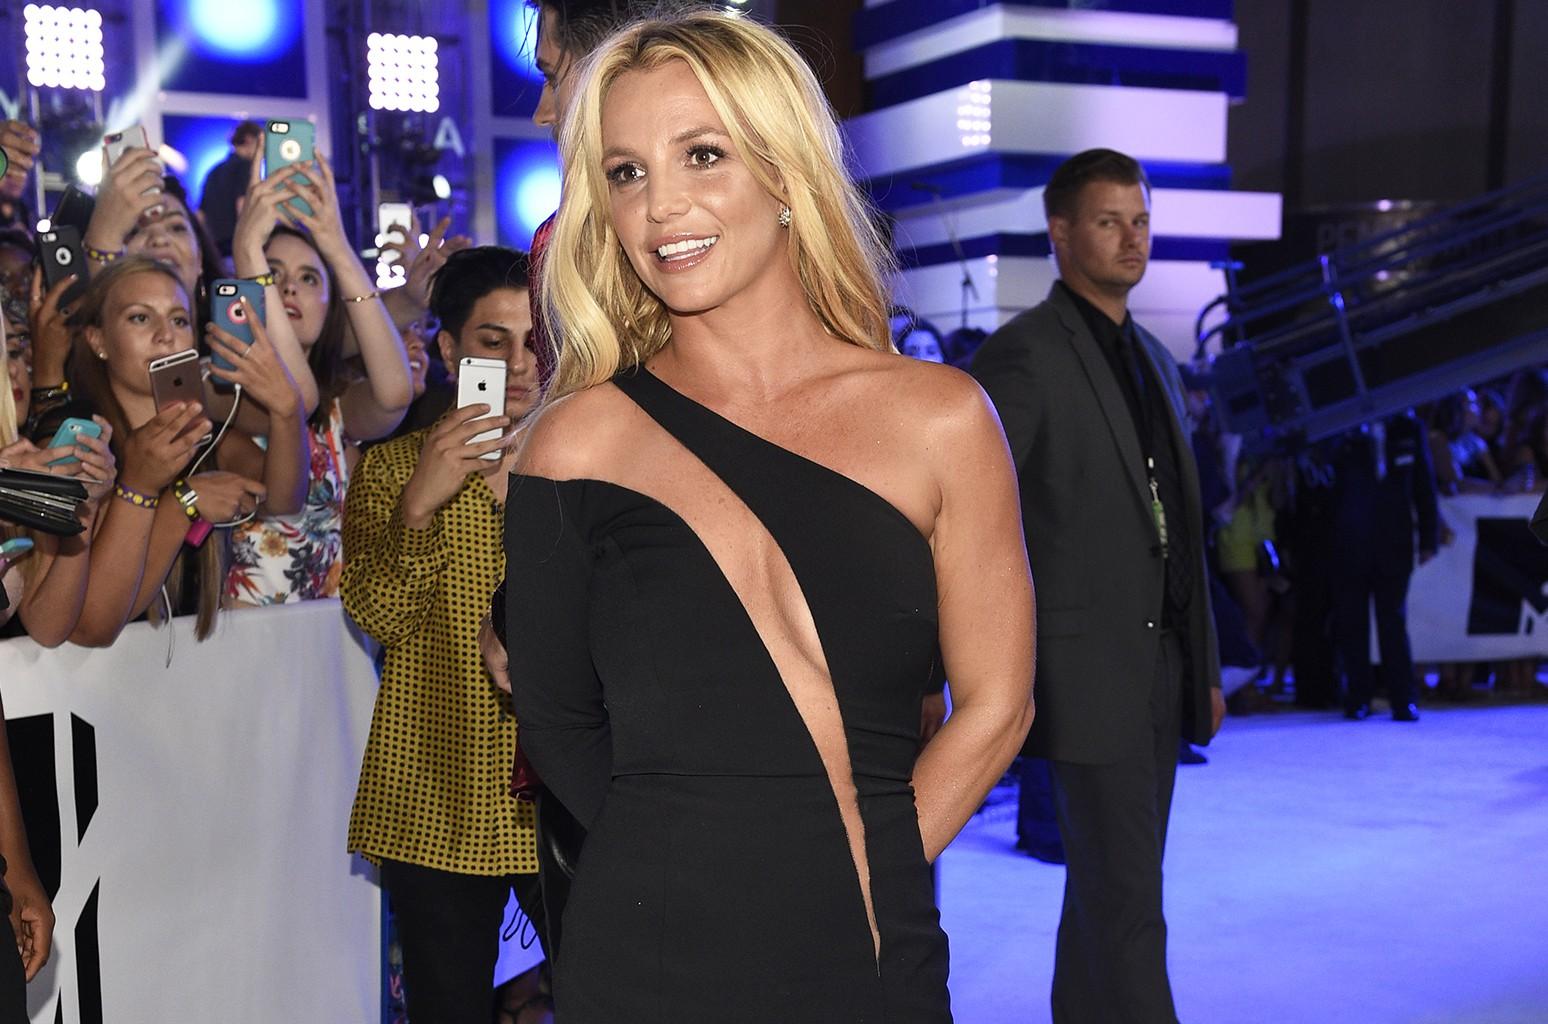 Britney Spears làm những gì mà tiêu hết 250 tỷ đồng chỉ trong 1 năm? - Ảnh 13.